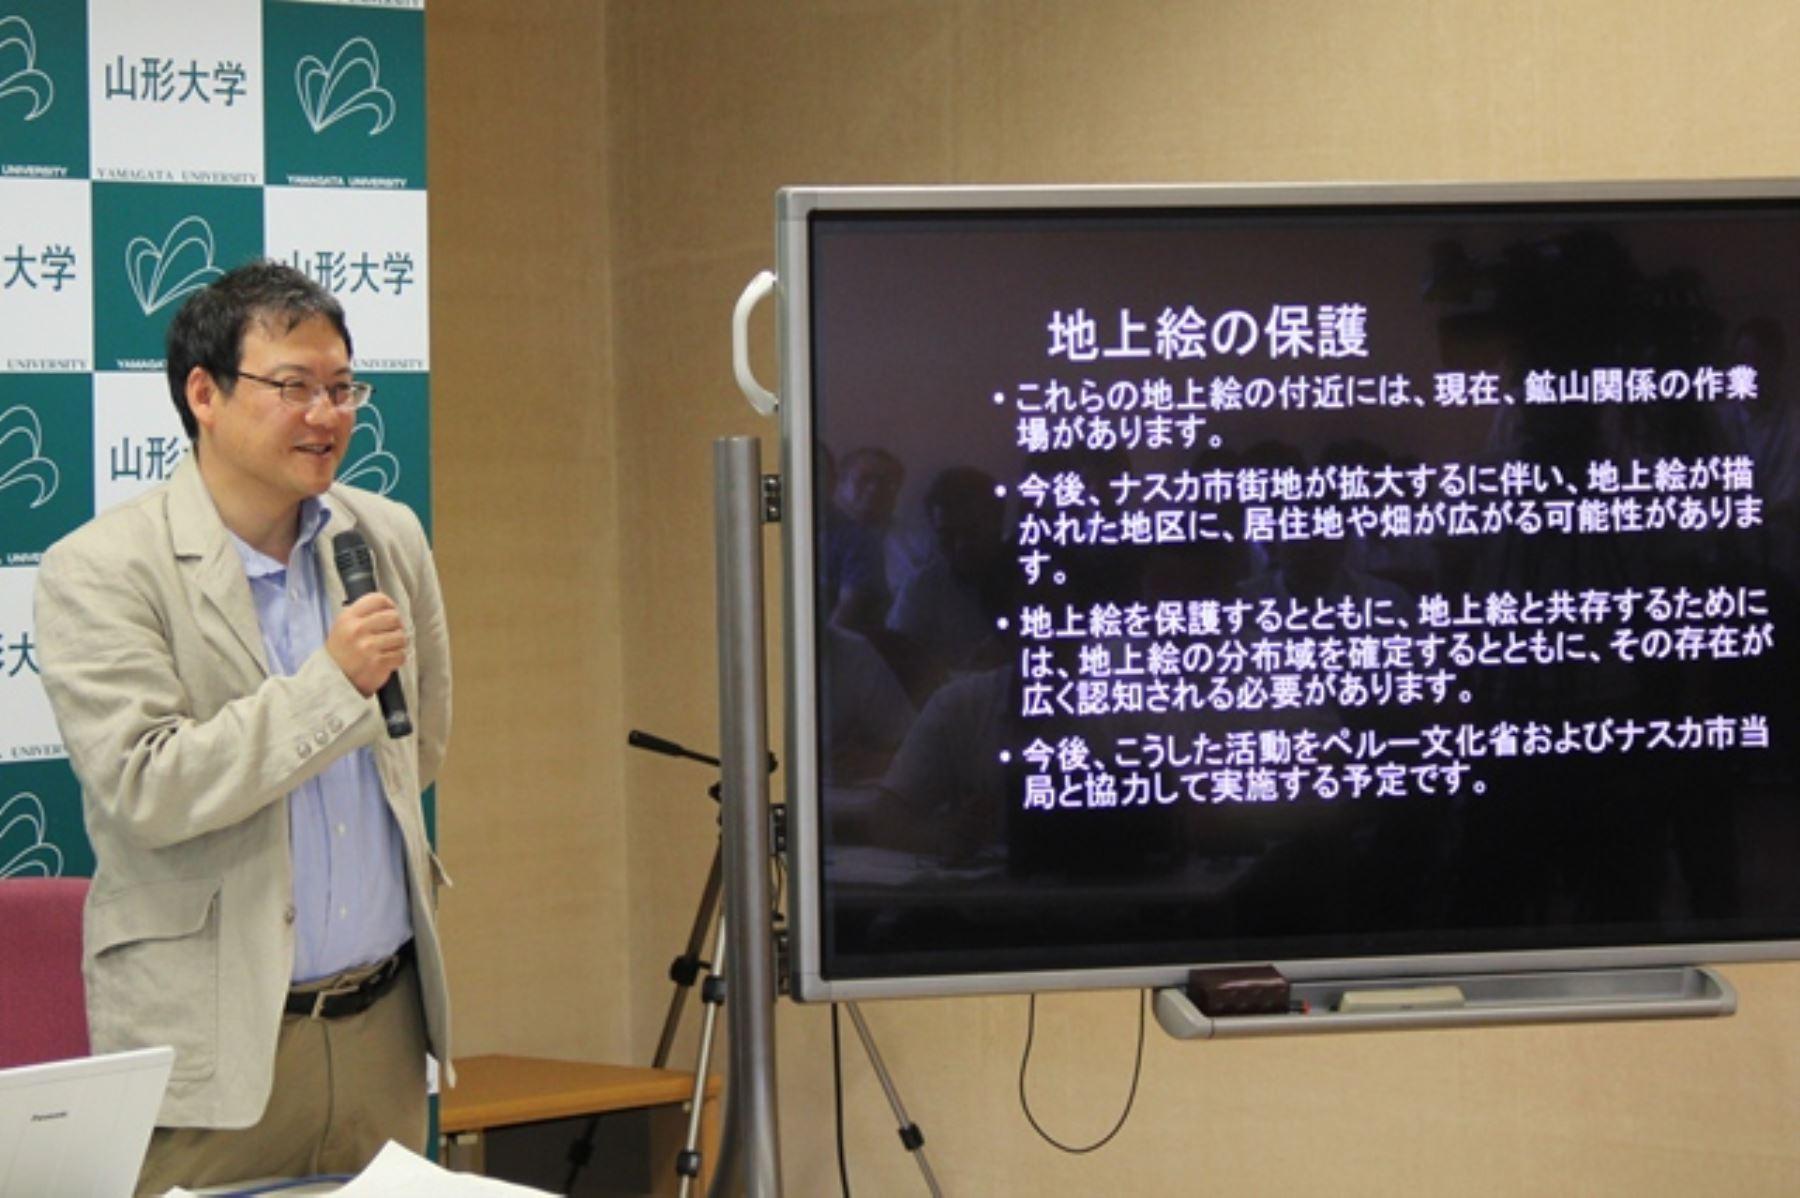 Arqueólogo japonés Masato Sakai es profesor de antropología cultural en la Universidad de Yamagata y director adjunto del Instituto de Investigación de la cultura Nasca en esa universidad, creado en 2012.